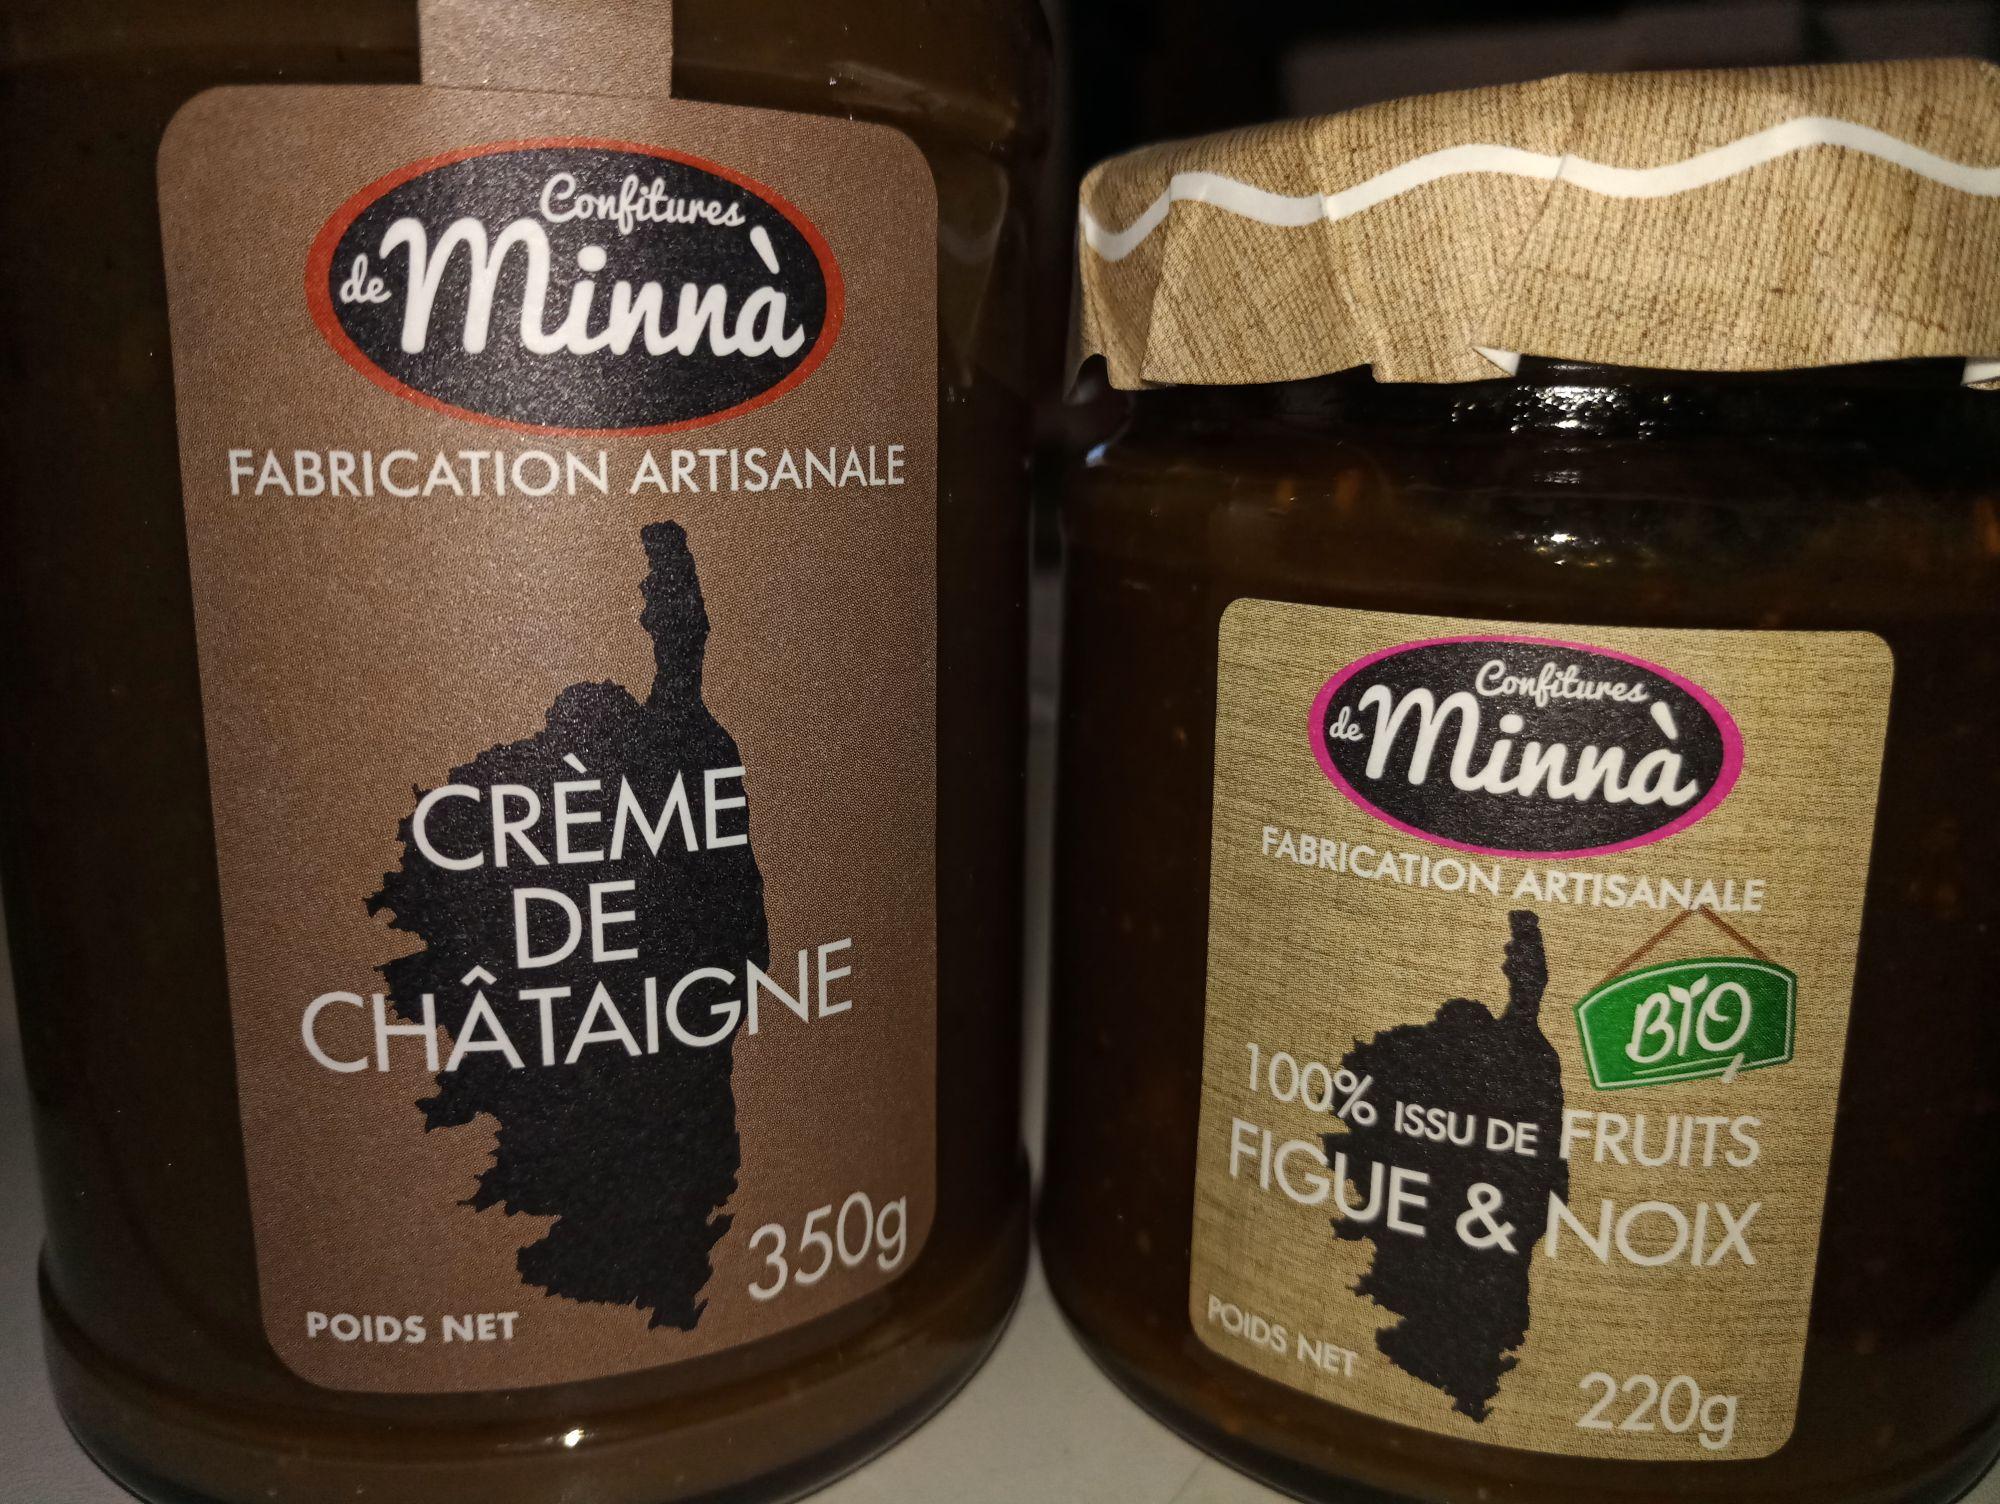 Sélection de produits Confiture de Minnà. Ex : Confiture Figue Noix Bio - Noz Saint Claude (39)